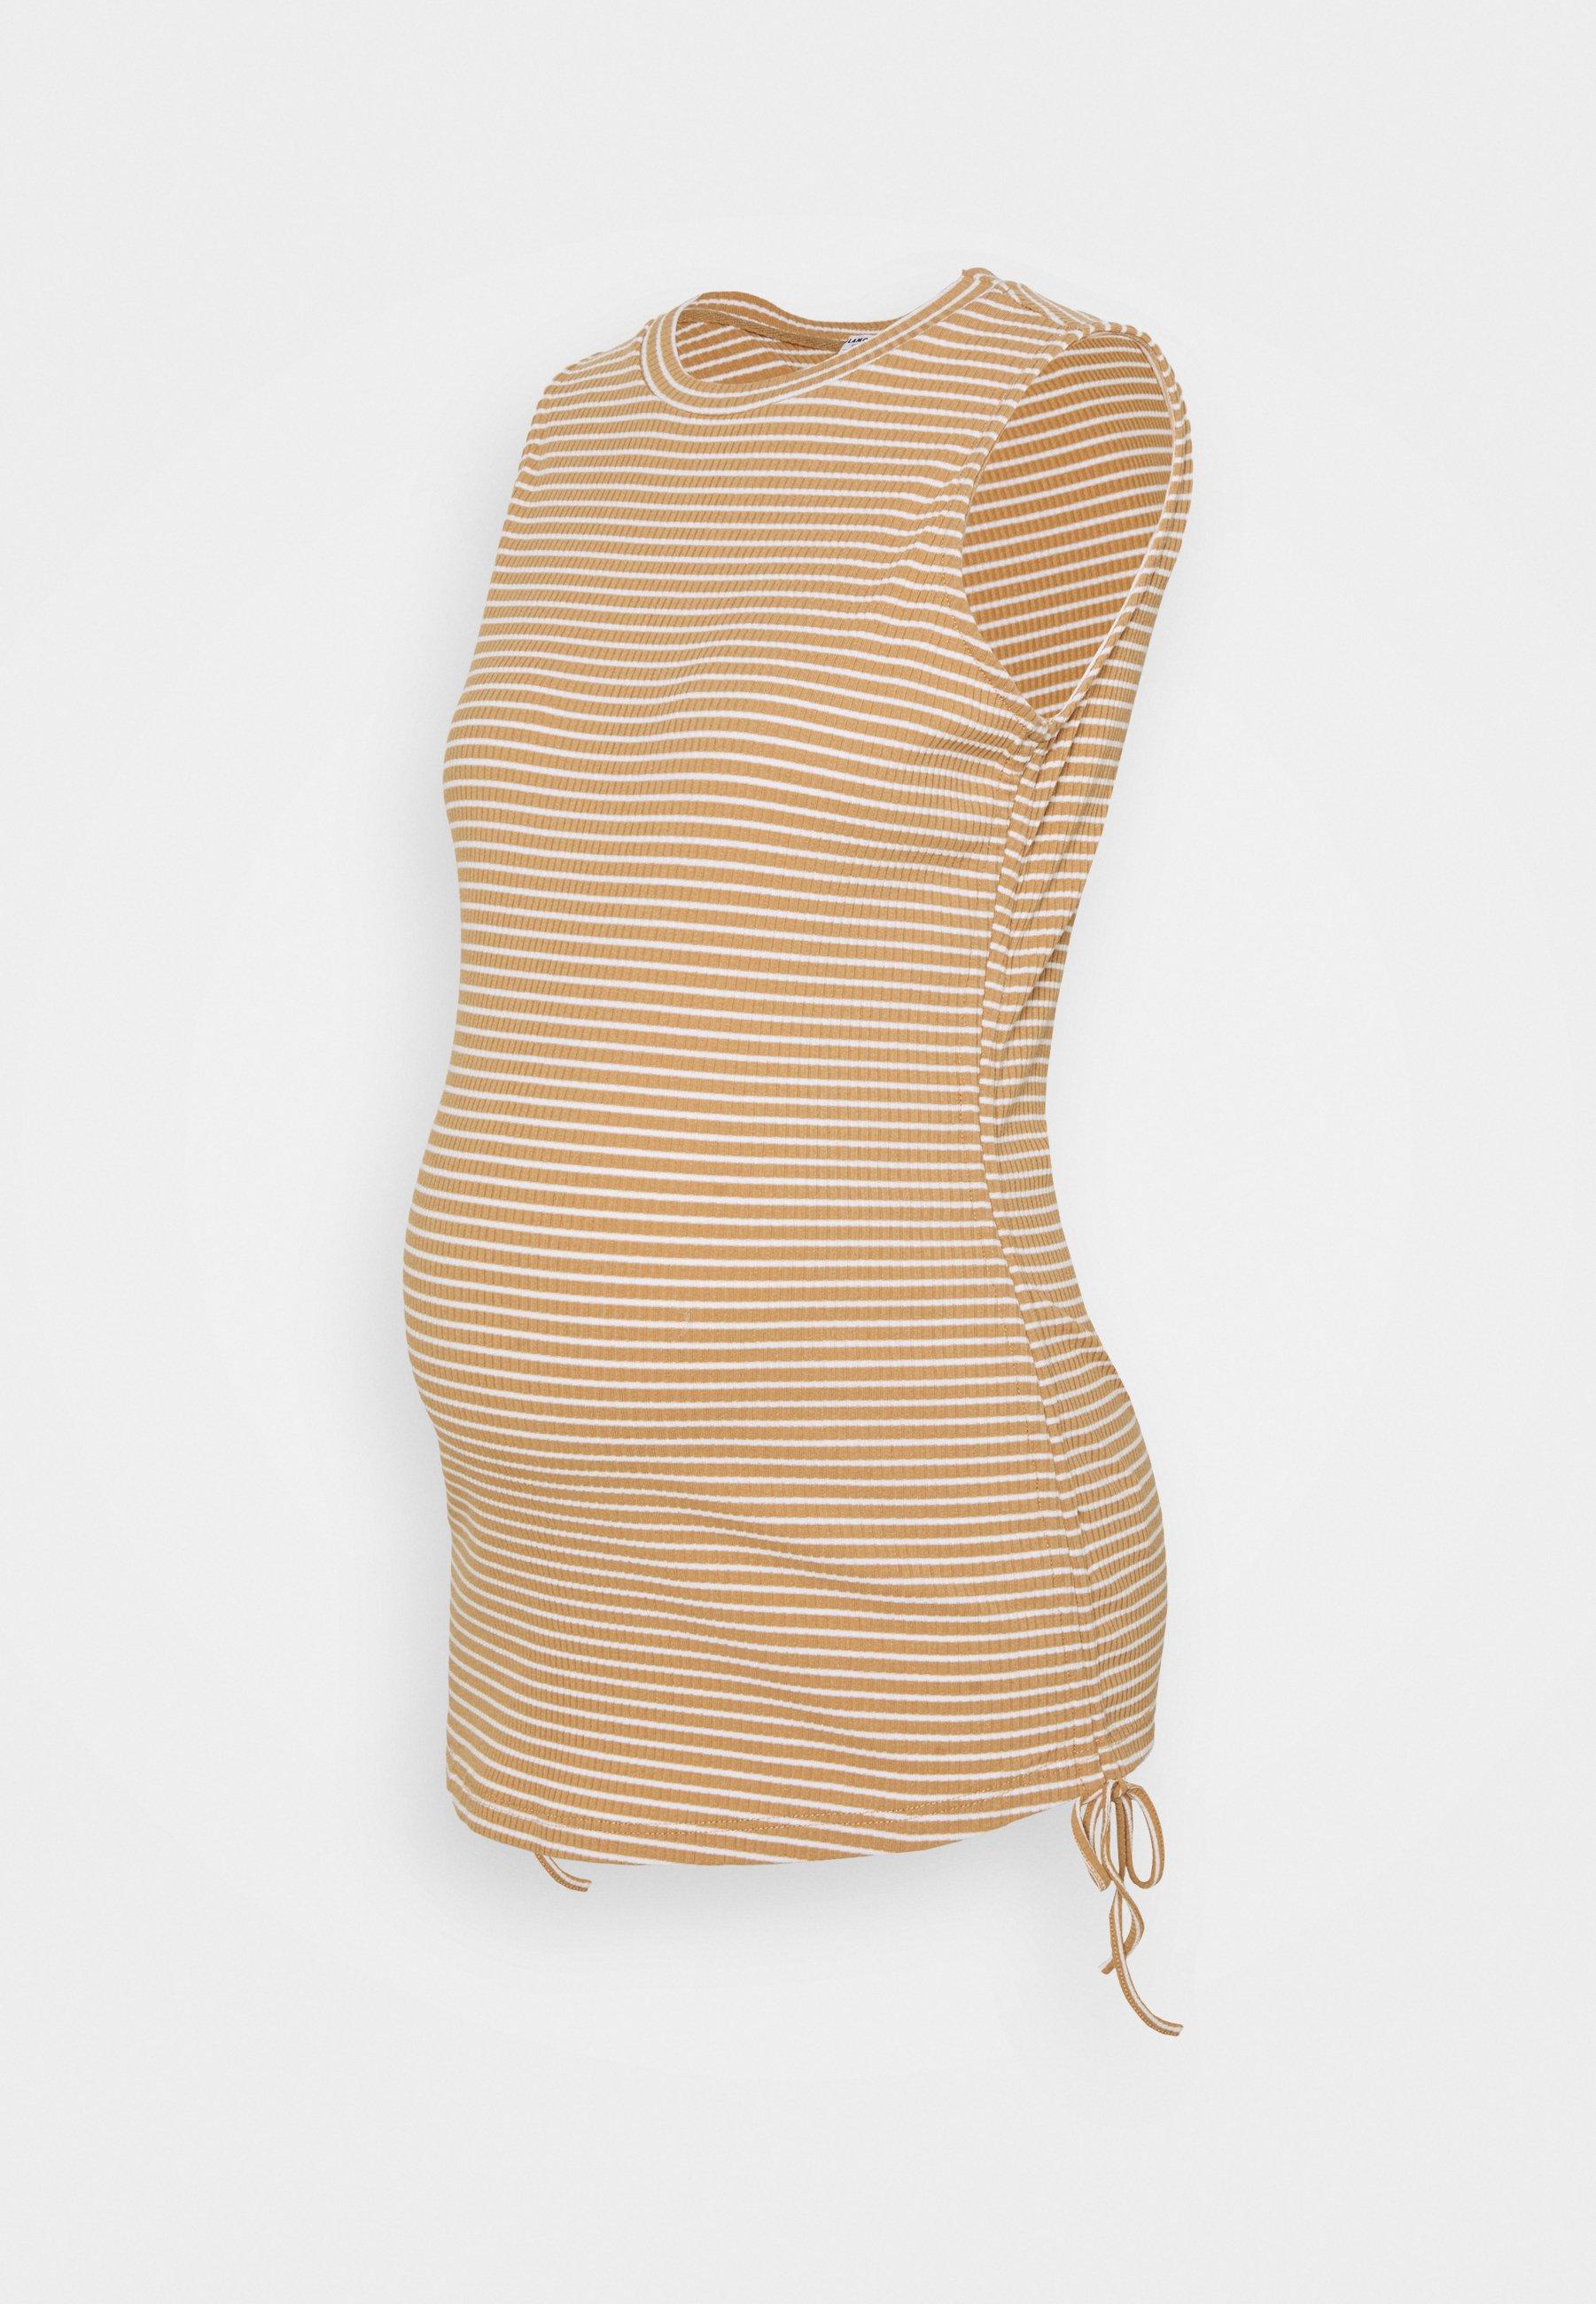 Damen TANK TOP WITH ROUND NECKLINE - T-Shirt print